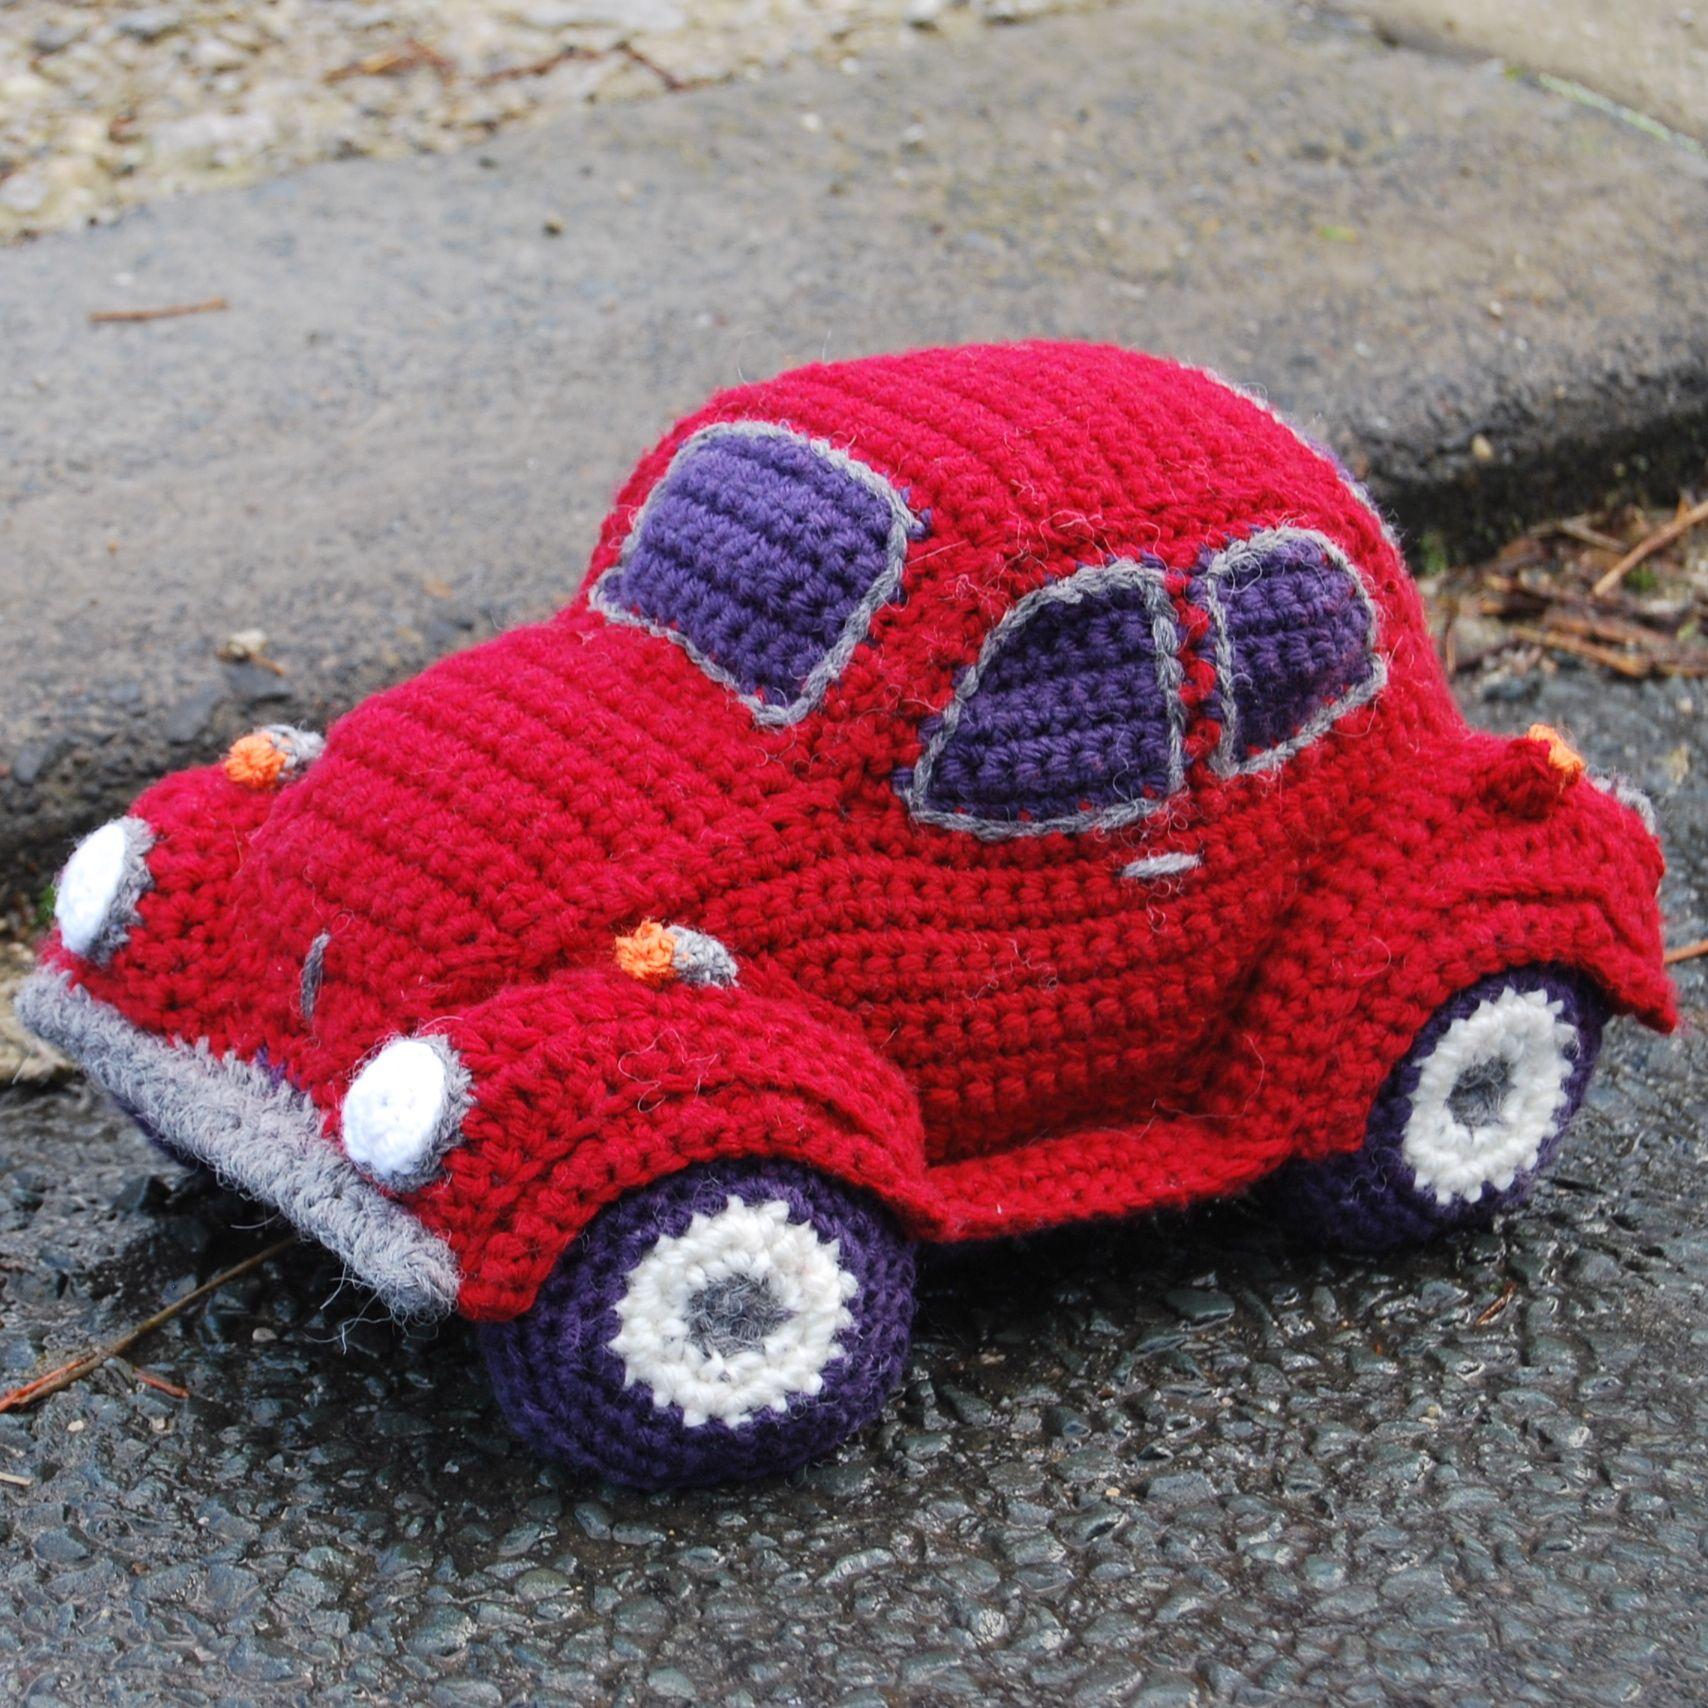 Hug-a-Bug Cuddly Crocheted Car by SnuginaDub - Craftsy